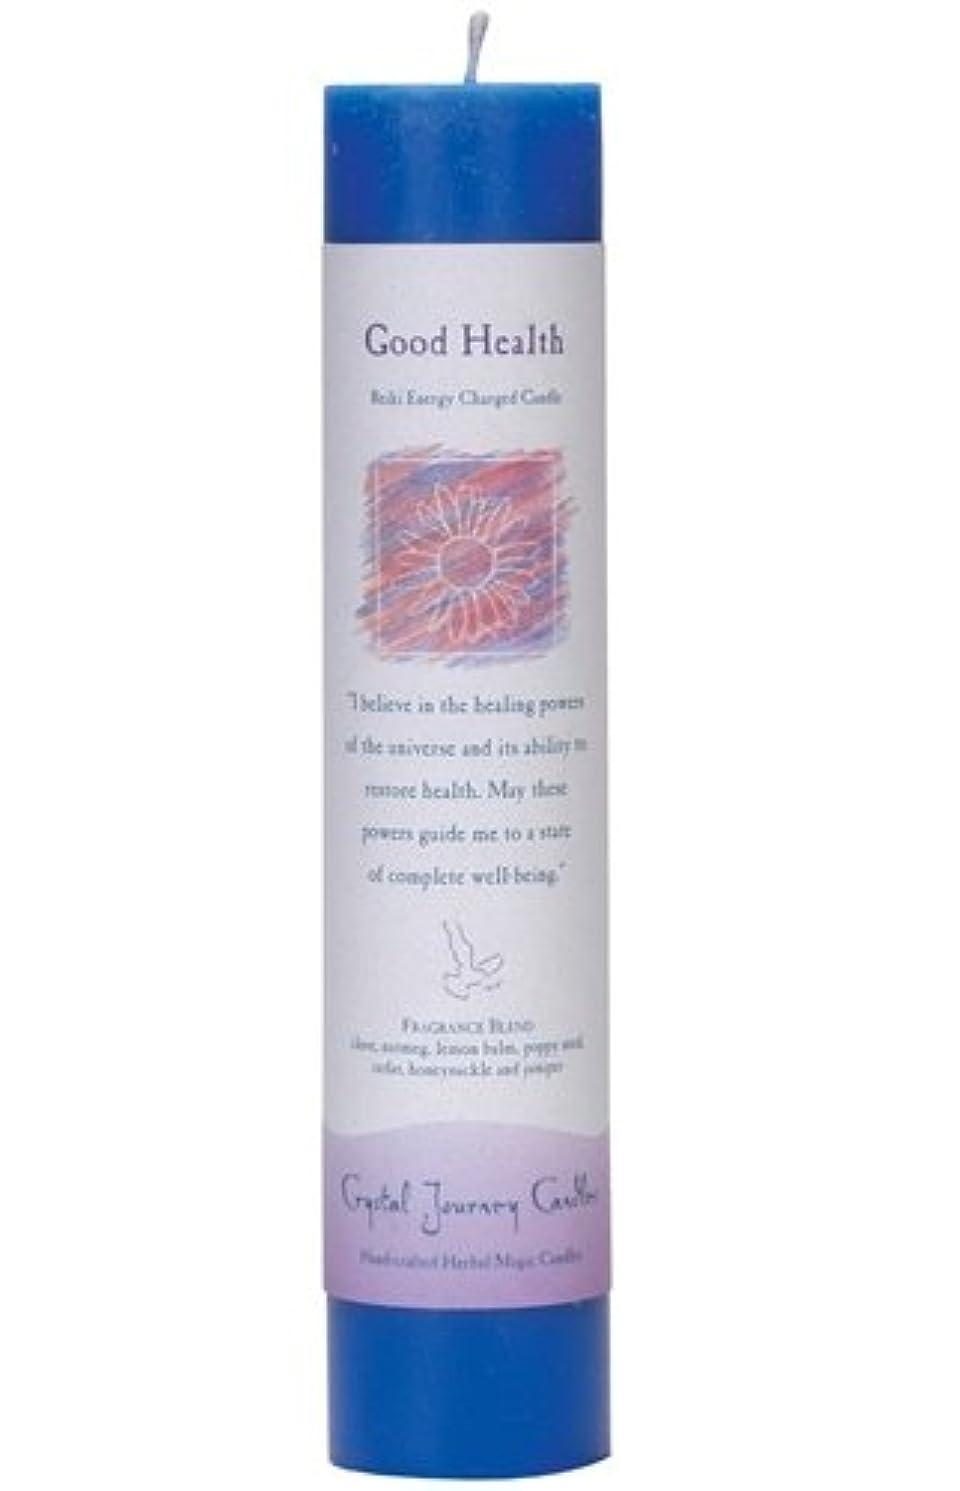 気候の山に対処する不規則性Crystal Journey Herbal Magic Pillar Candle - Good Health by Crystal Journey